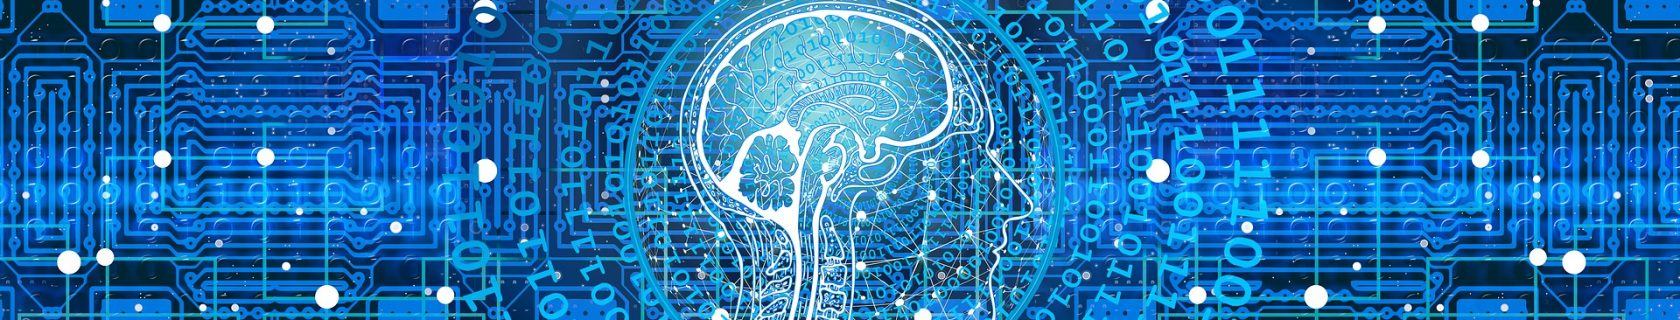 Kopf und Gehirn stilisiert